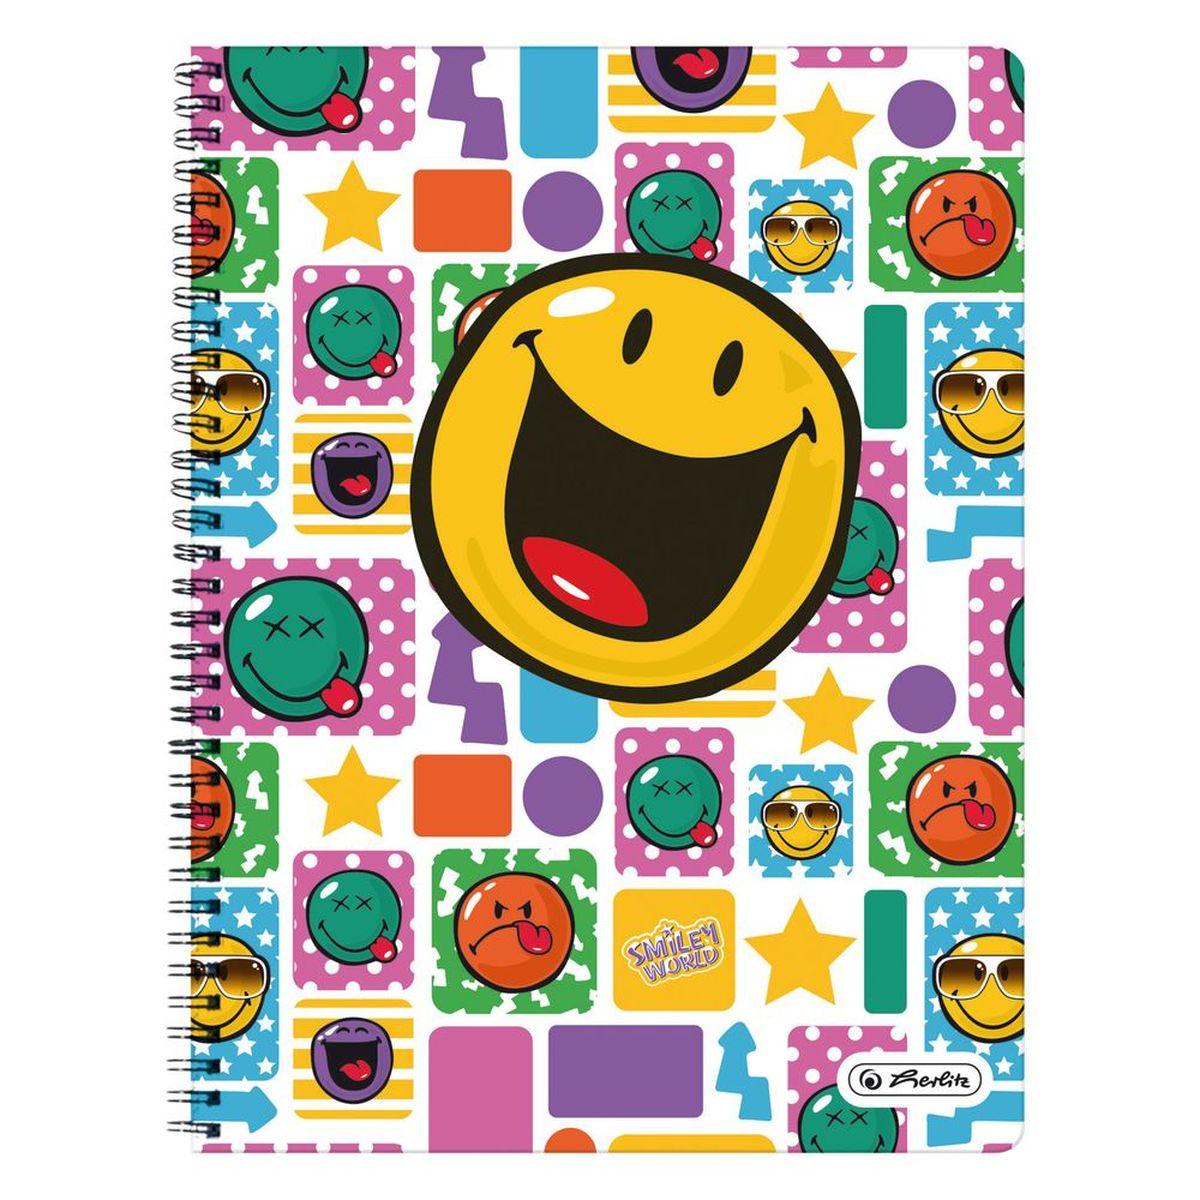 Herlitz Тетрадь Smiley Happy 70 листов в клетку11364726Удобная тетрадь от Herlitz Smiley Happy - незаменимый атрибут современного человека, необходимый для рабочих или школьных записей. Тетрадь содержит 70 листов формата А4 в клетку с полями. Обложка выполнена из качественного ламинированного картона. Внутренний спиральный блок изготовлен из металла и гарантирует надежное крепление листов. Тетрадь имеет закругленные углы и яркий дизайн, дополненный желтым смайлом. Тетрадь Herlitz Smiley Happy станет достойным аксессуаром среди ваших канцелярских принадлежностей. Это отличный подарок как коллеге или деловому партнеру, так и близким людям.